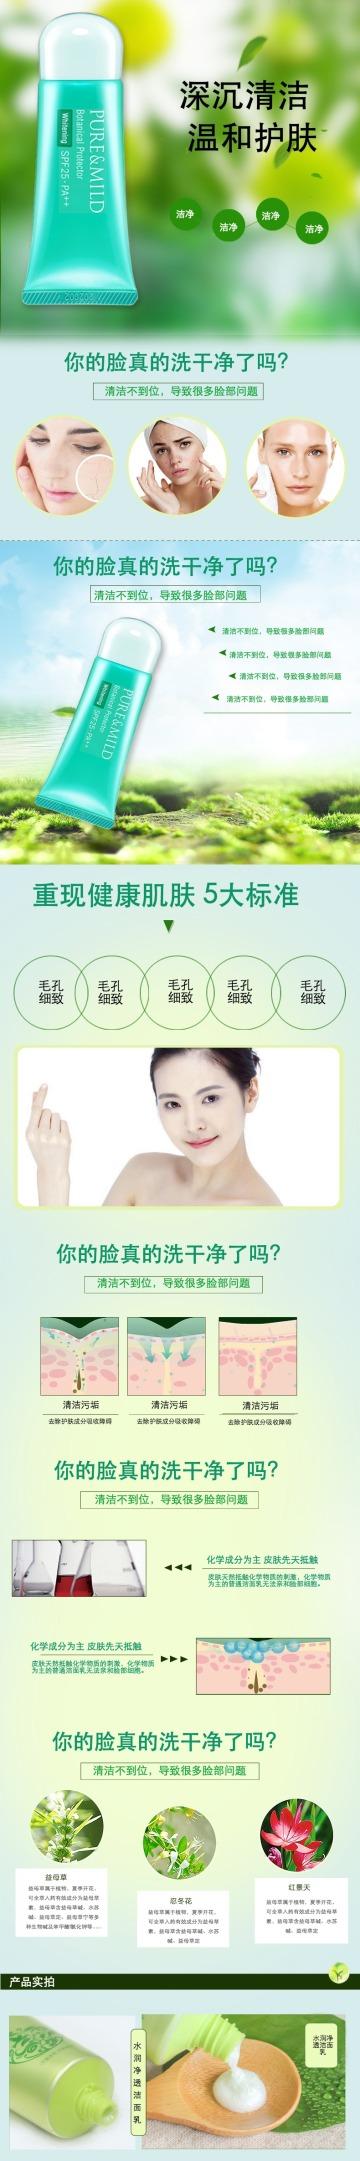 清新简约美妆洁面乳电商详情图